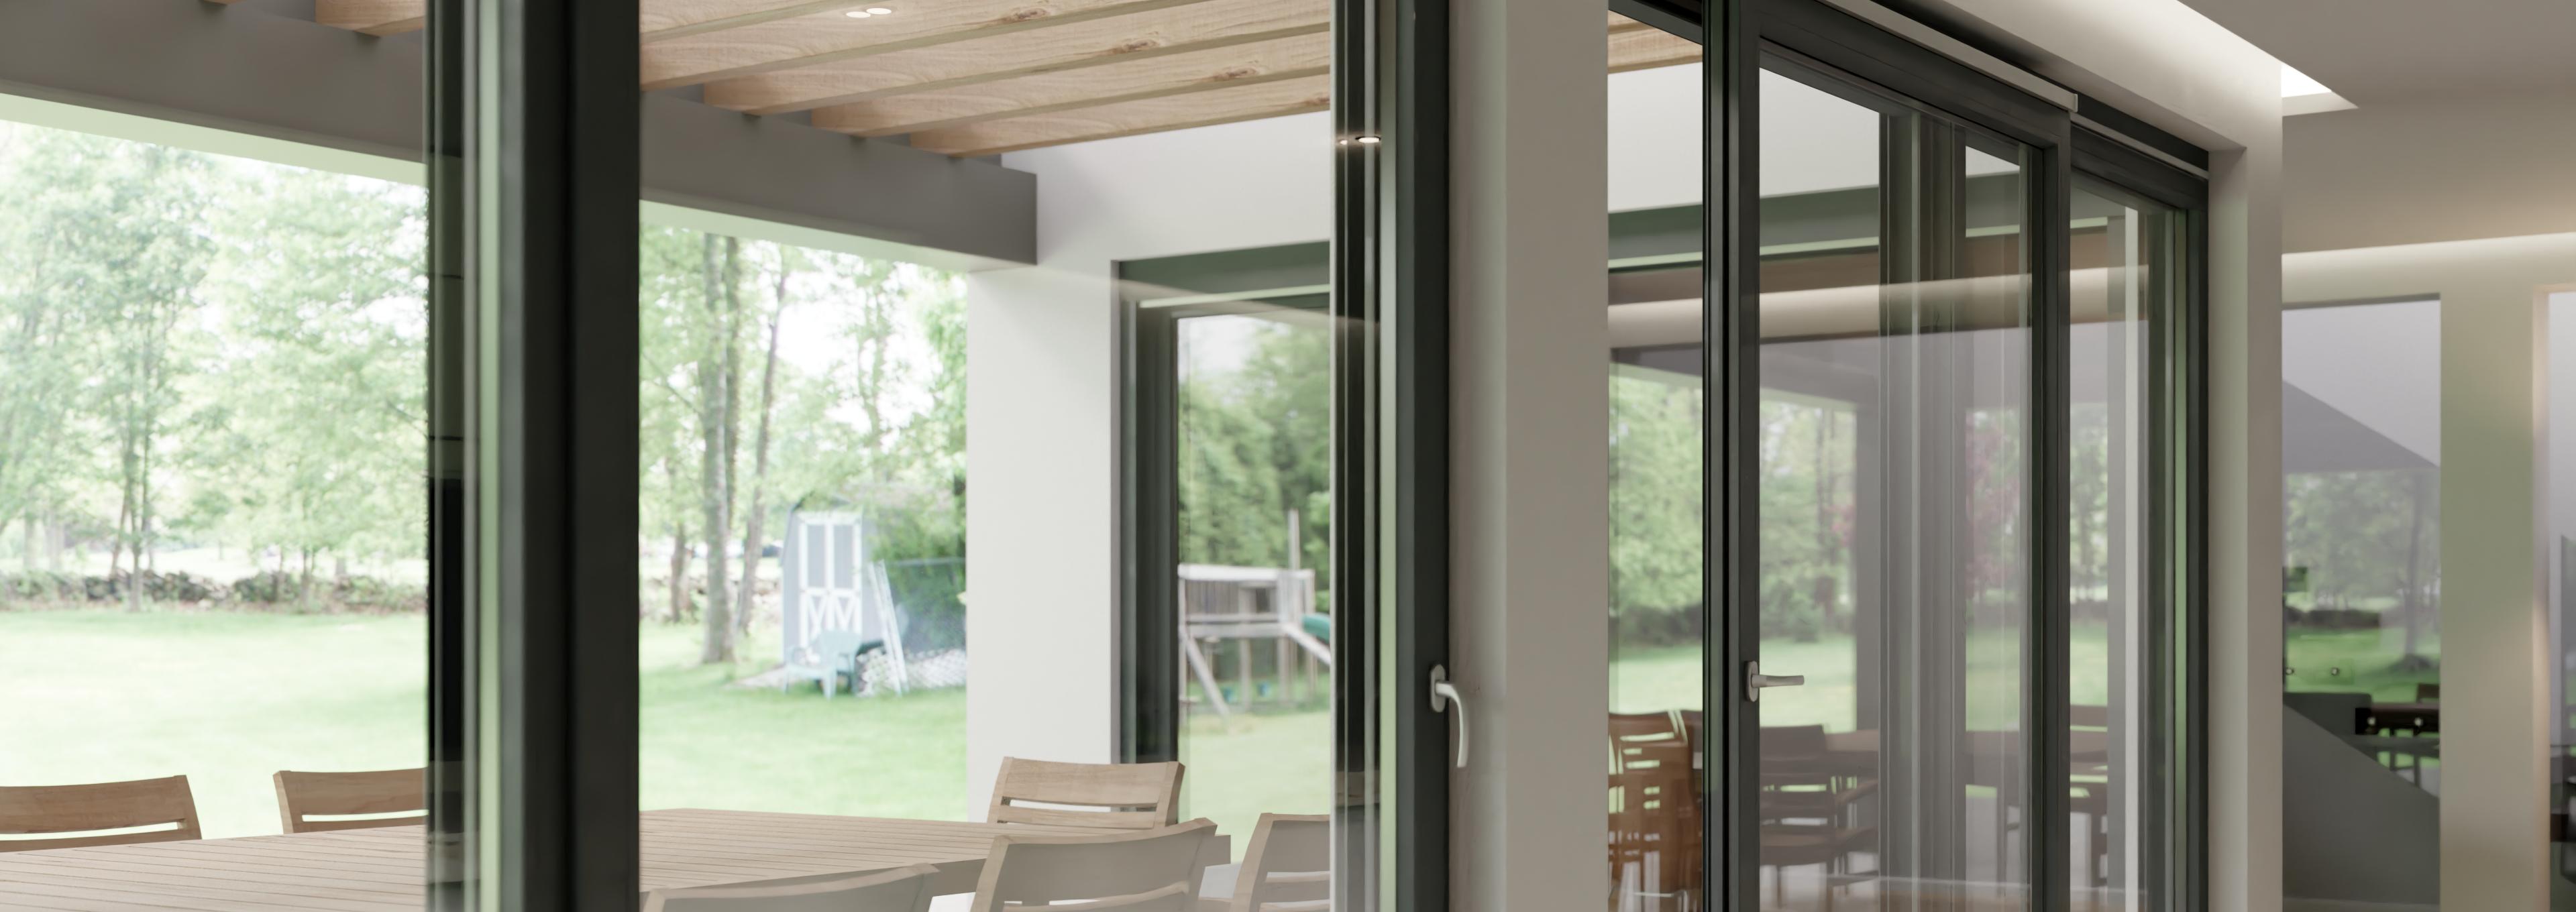 Full Size of Smart Fensterwunder Integrierter Rollladen Blaurock Betten Mit Bettkasten Aron Fenster Küche Sideboard Arbeitsplatte Miniküche Kühlschrank Sichern Gegen Fenster Fenster Mit Integriertem Rollladen